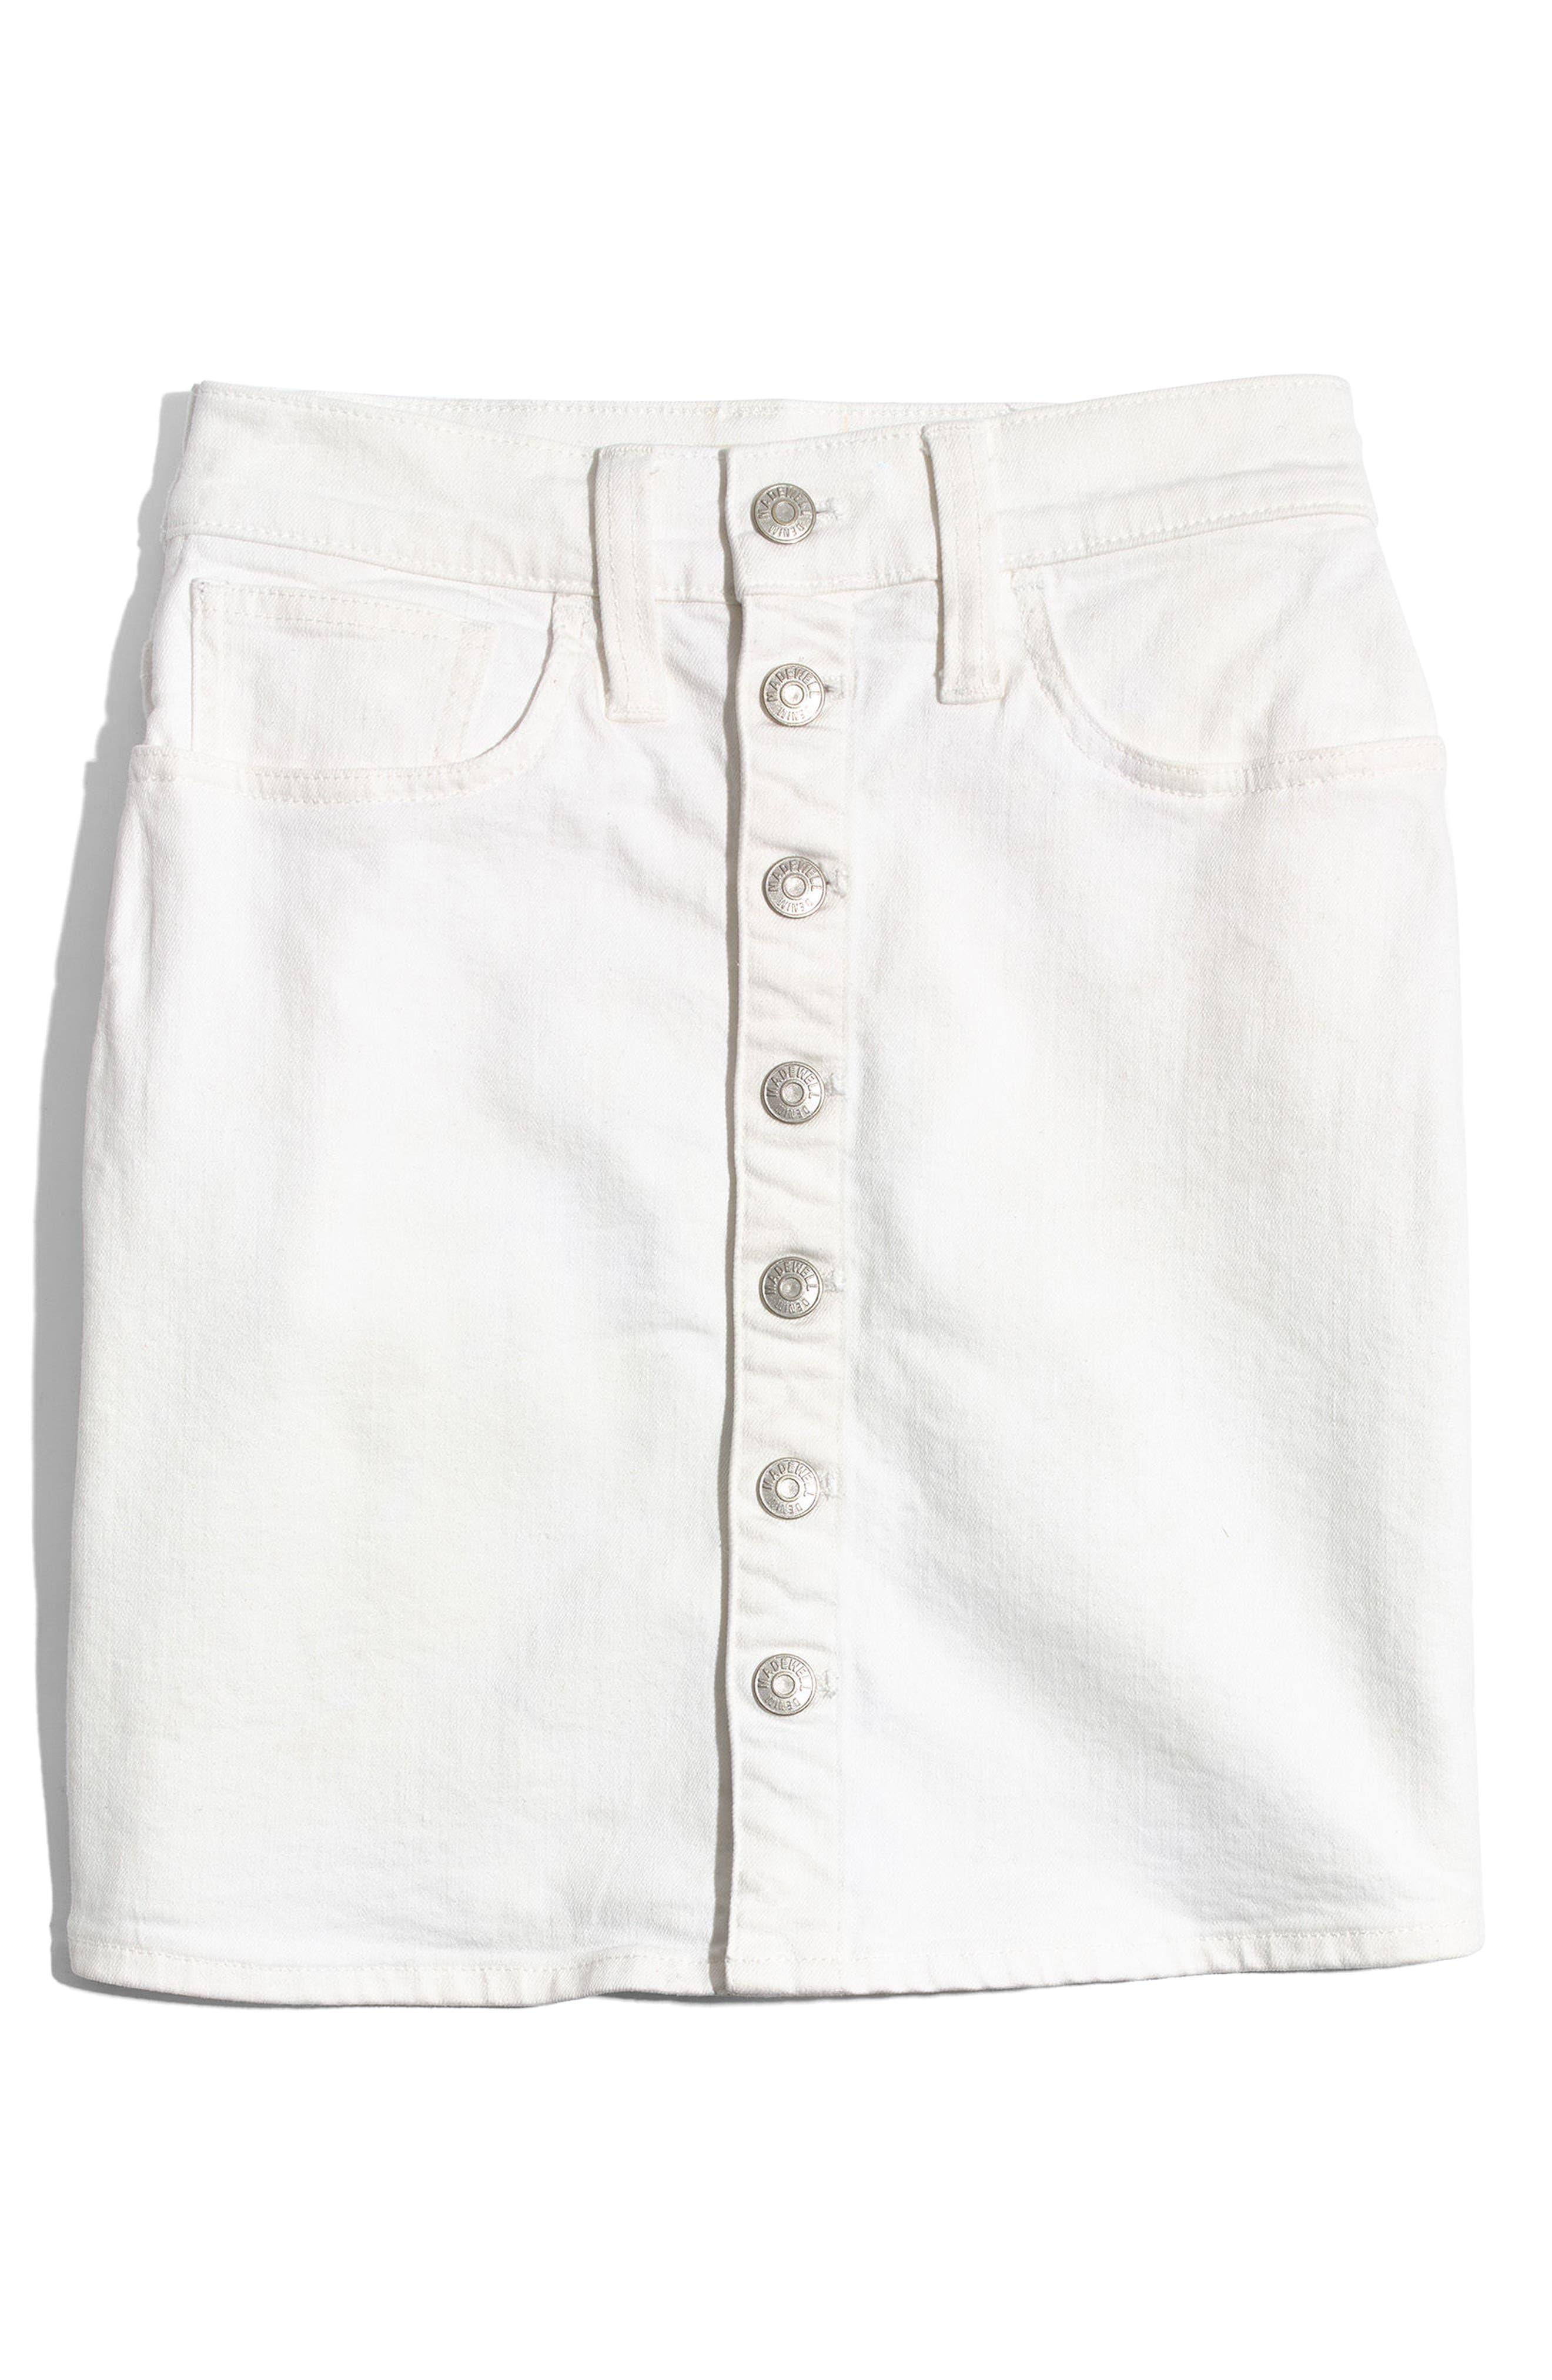 Button Front Straight Denim Skirt,                             Alternate thumbnail 3, color,